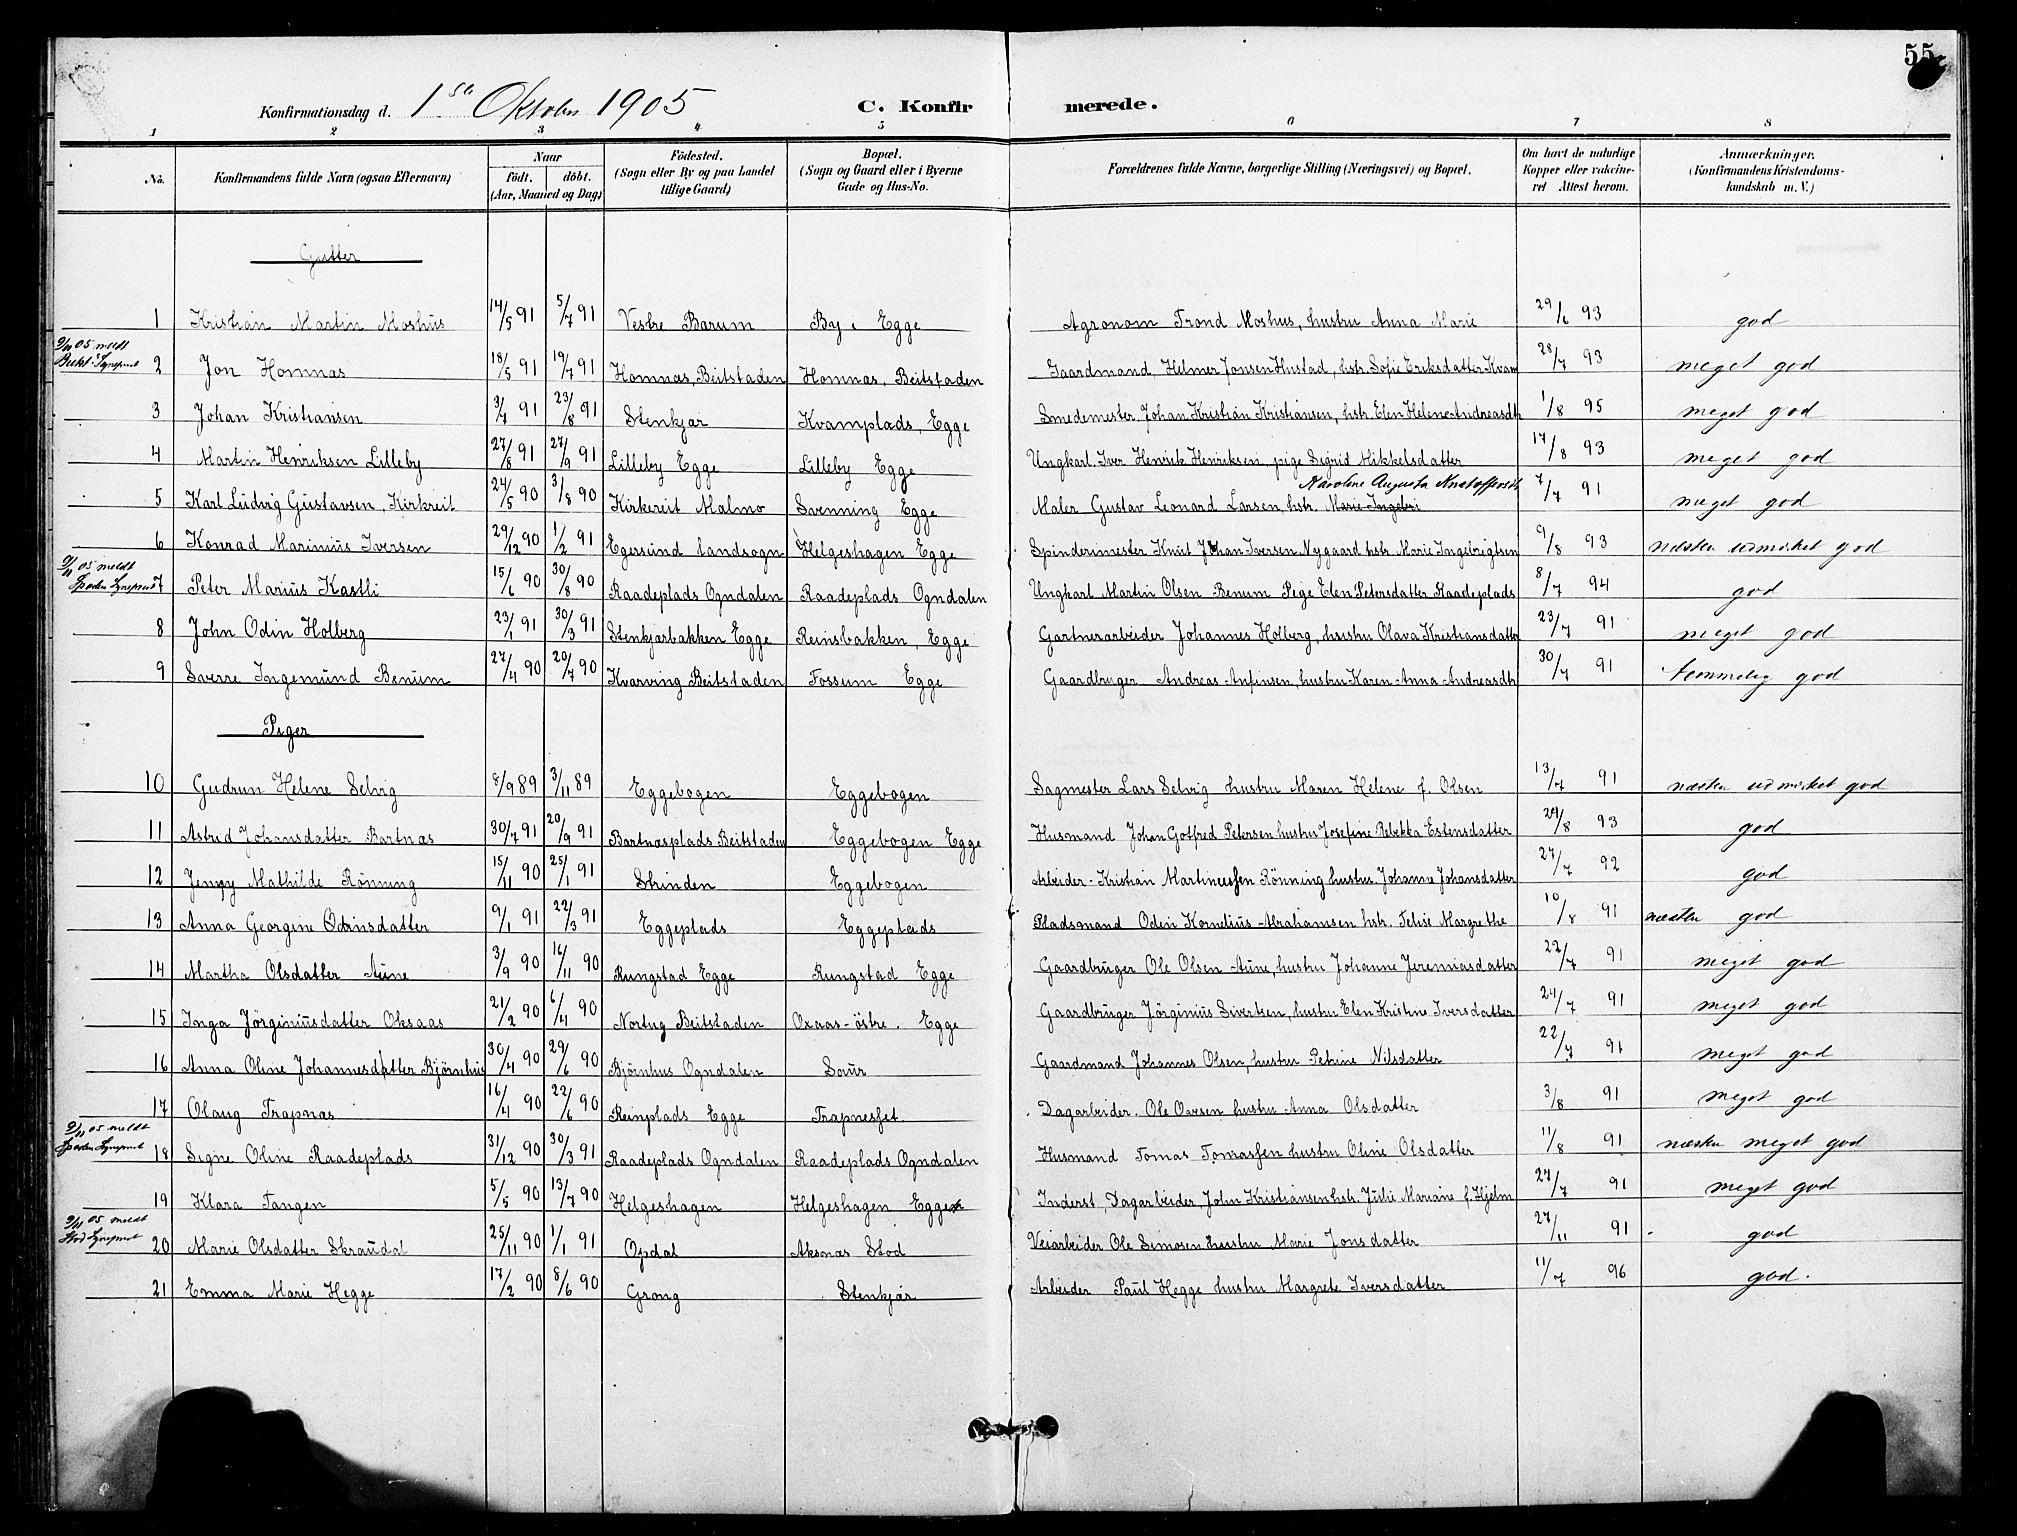 SAT, Ministerialprotokoller, klokkerbøker og fødselsregistre - Nord-Trøndelag, 740/L0379: Ministerialbok nr. 740A02, 1895-1907, s. 55